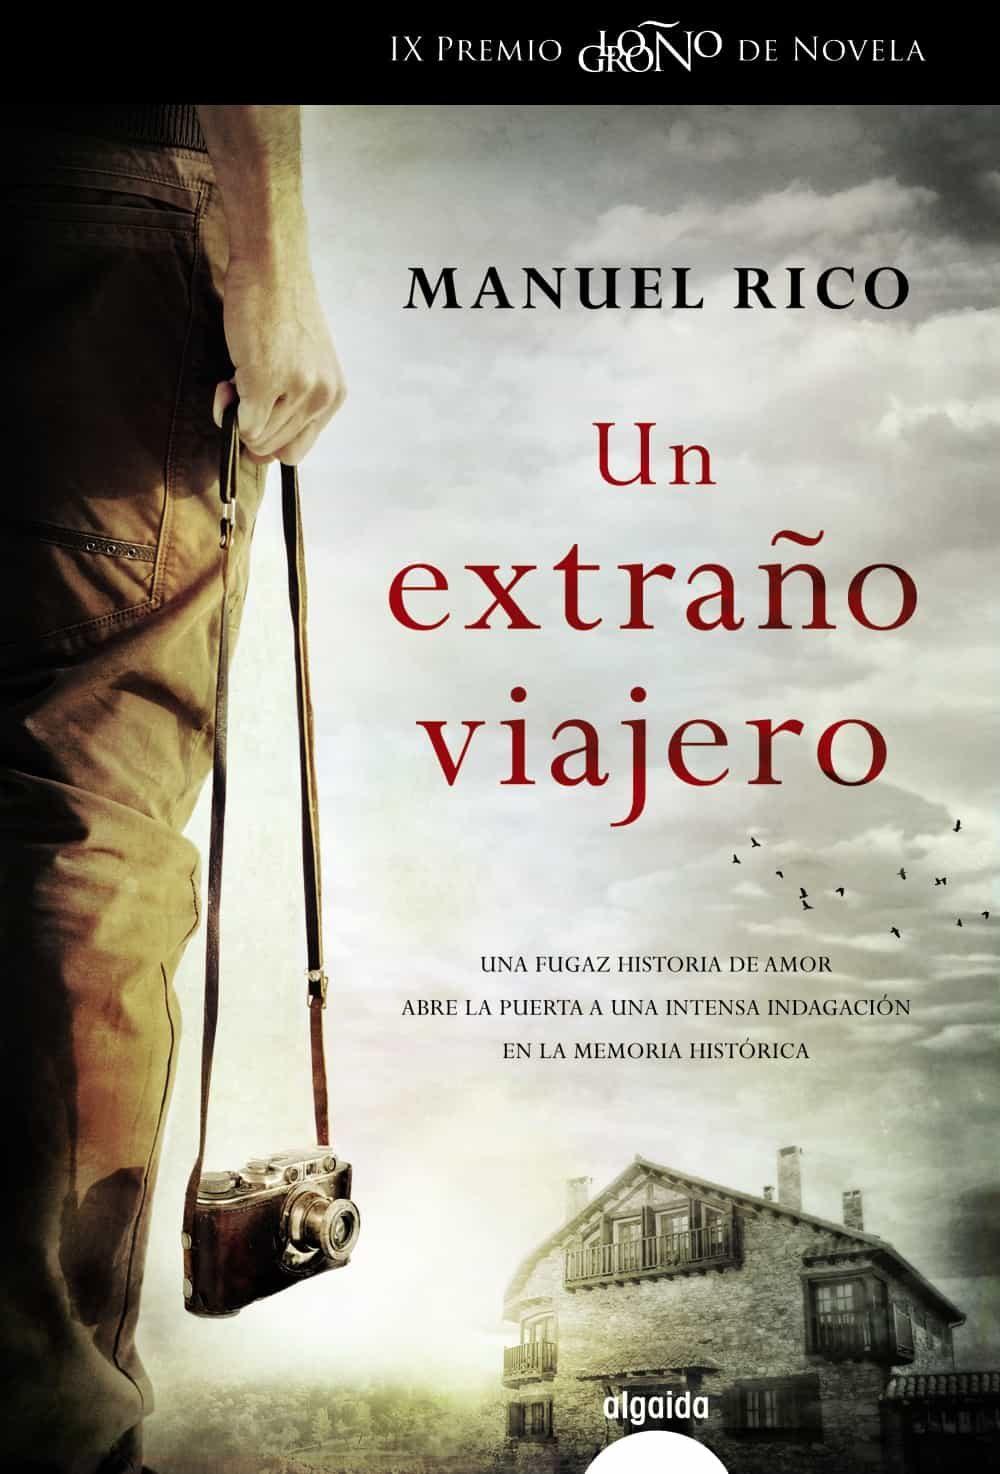 Un extraño viajero - Manuel Rico 9788490674796